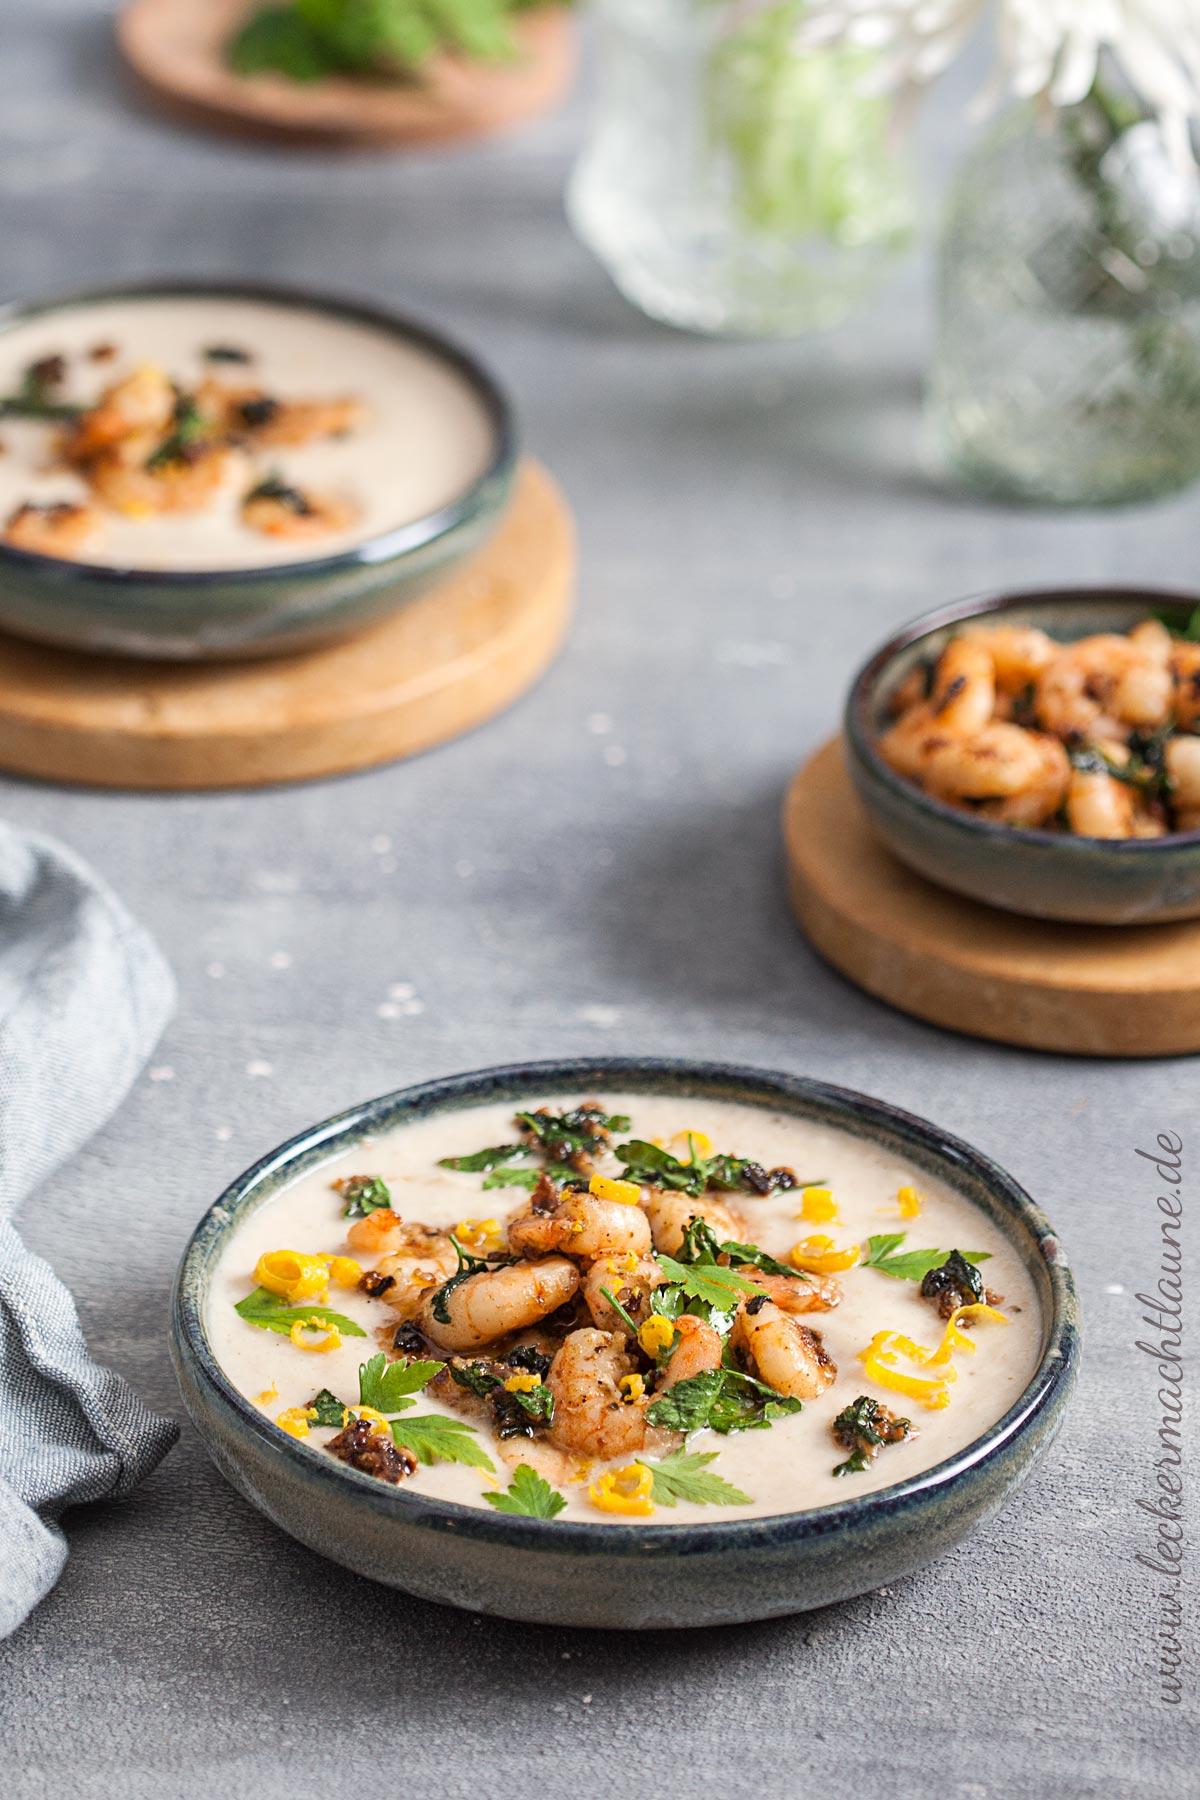 Blumenkohl-Knoblauch-Suppe